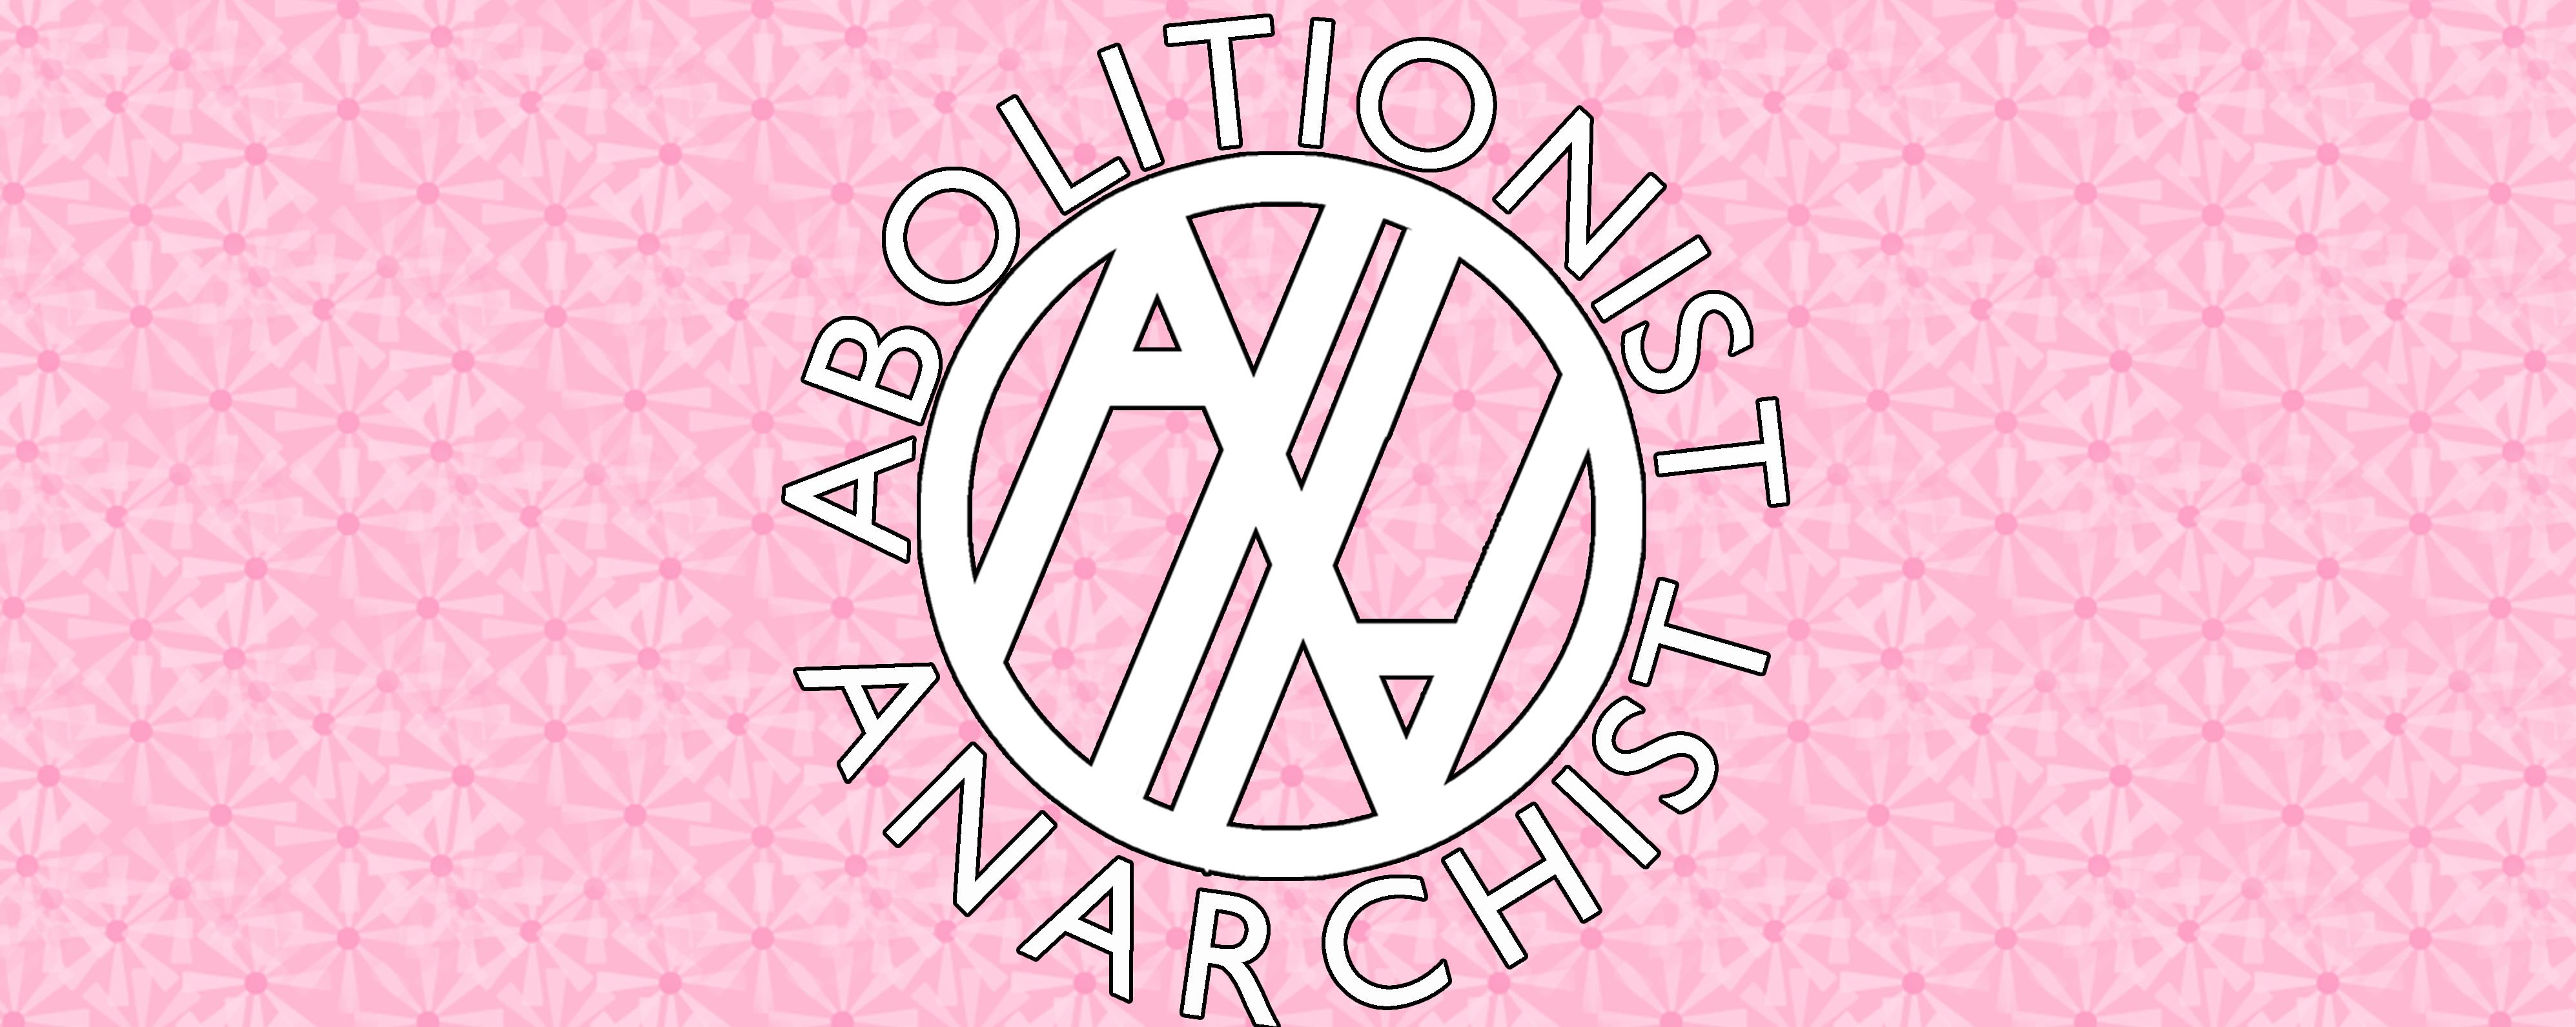 Abolitionist Anarchist.jpg